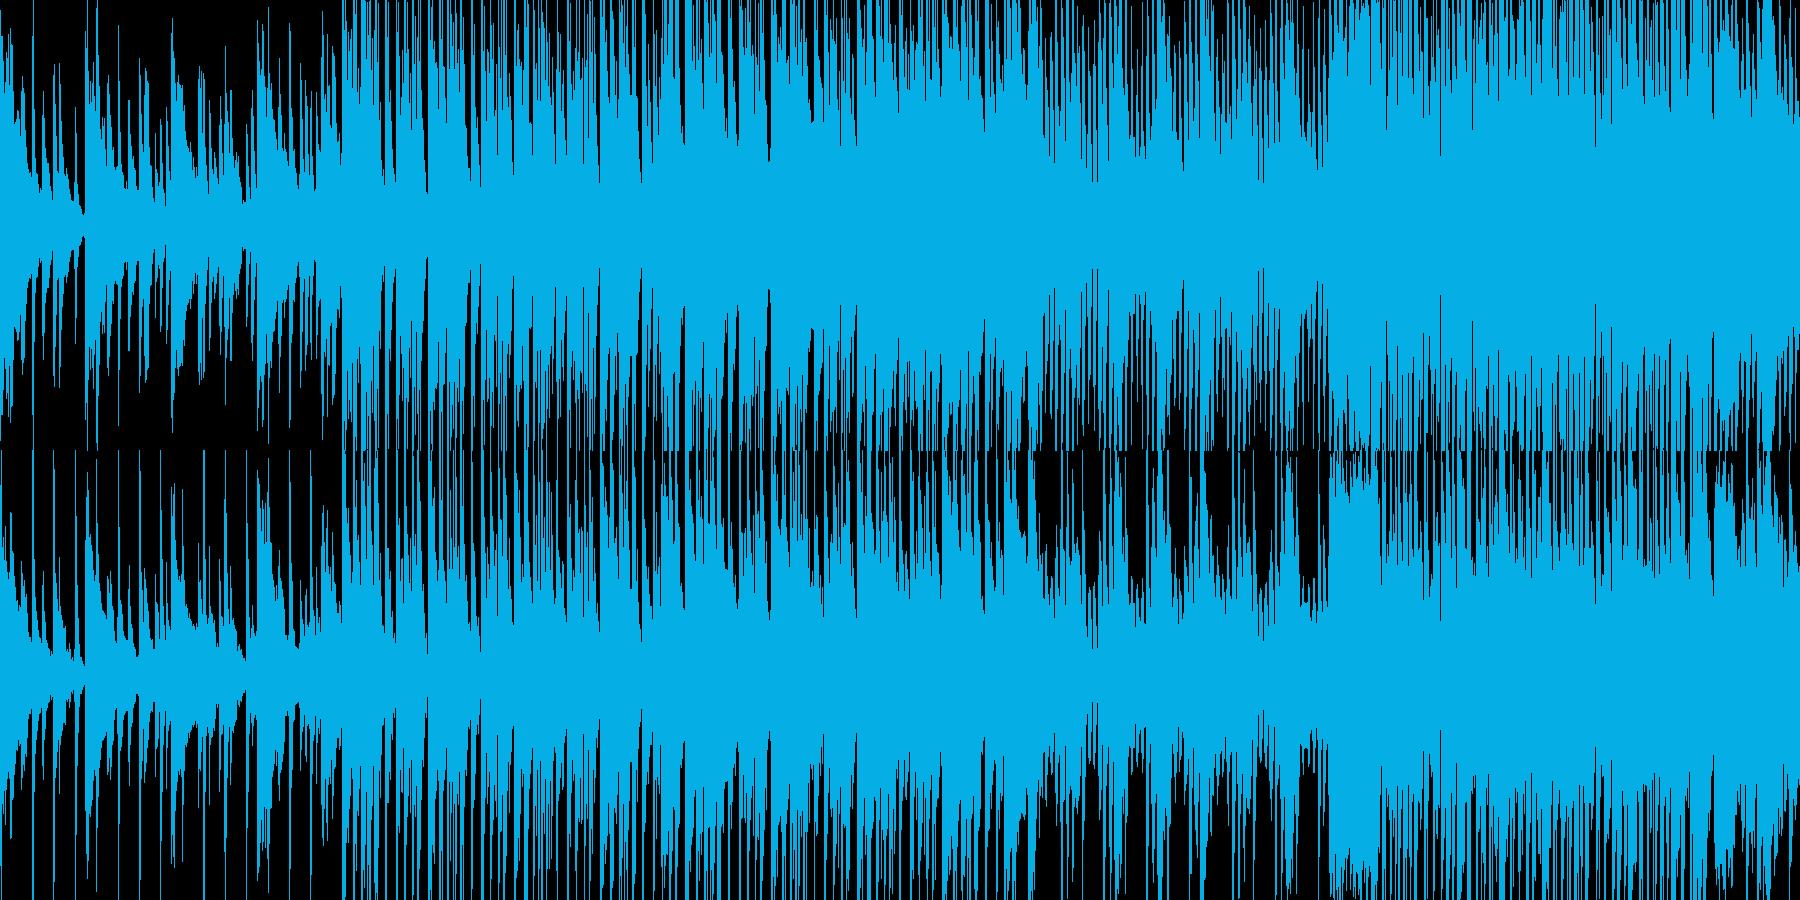 ループ■その日の終わりの日常系インストの再生済みの波形